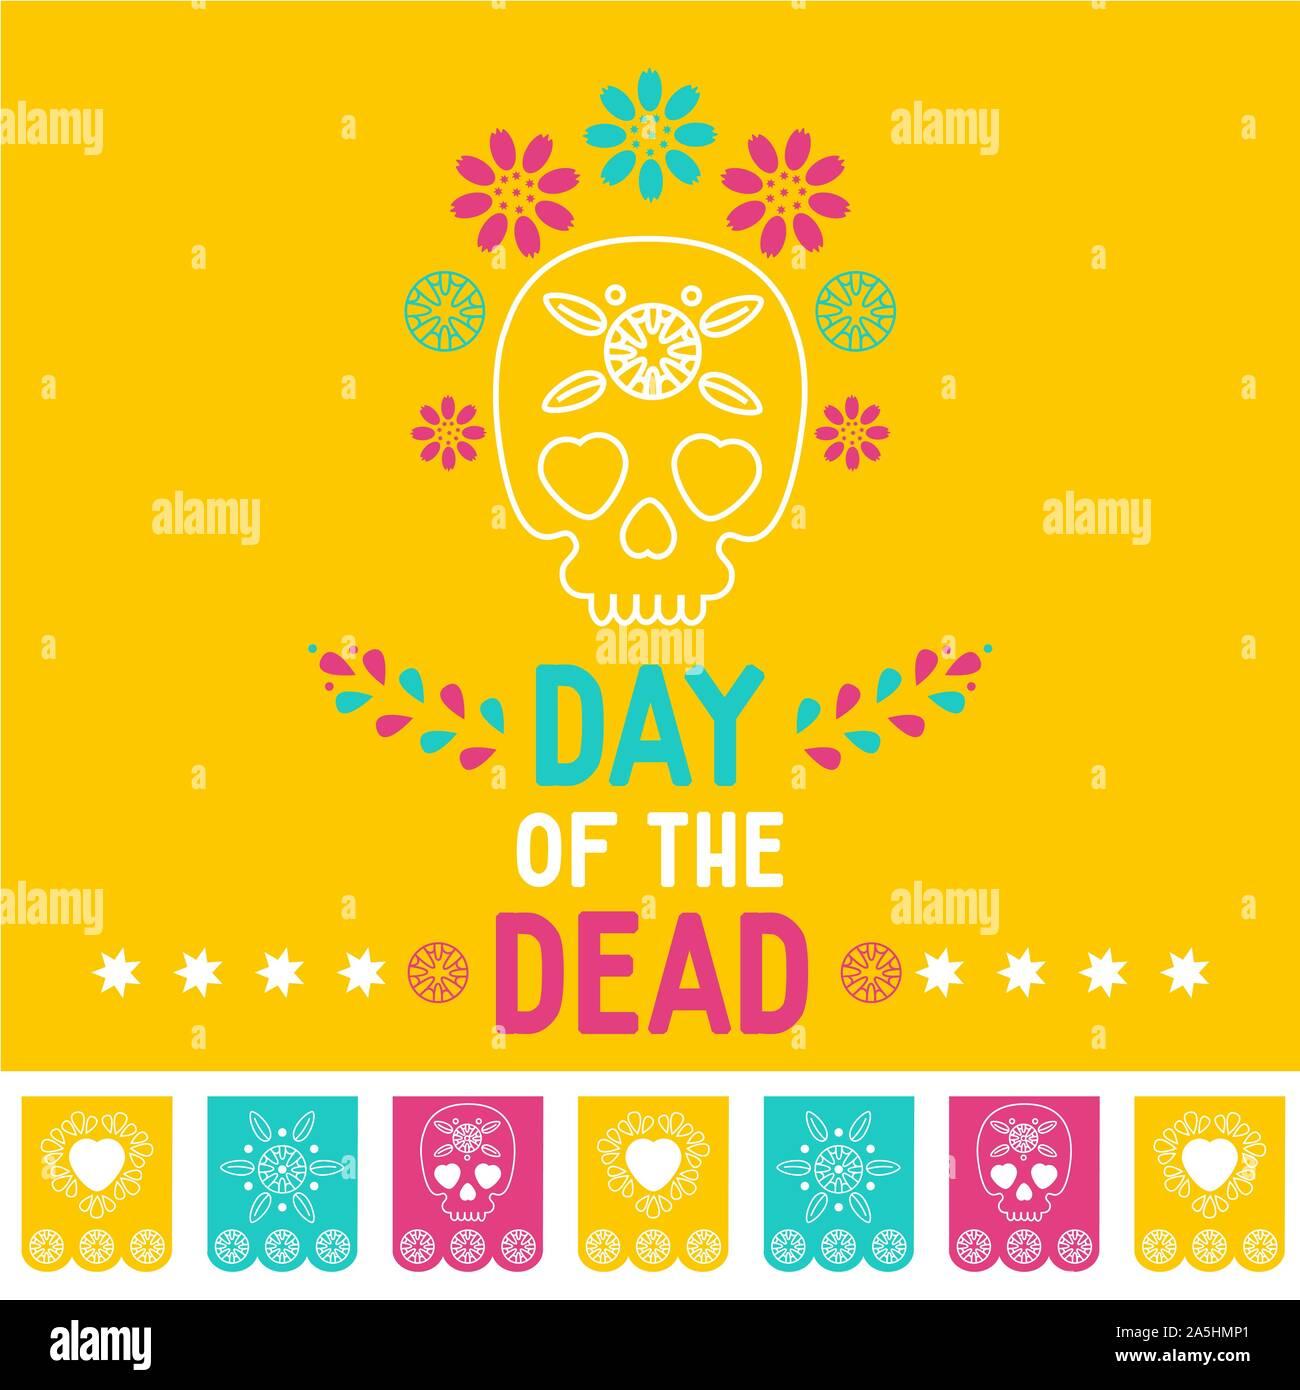 Fête des morts, Dia de los muertos fond jaune, bannière carrée, carte de vœux. Vector illustration avec crâne en sucre ou calavera, fleurs Illustration de Vecteur